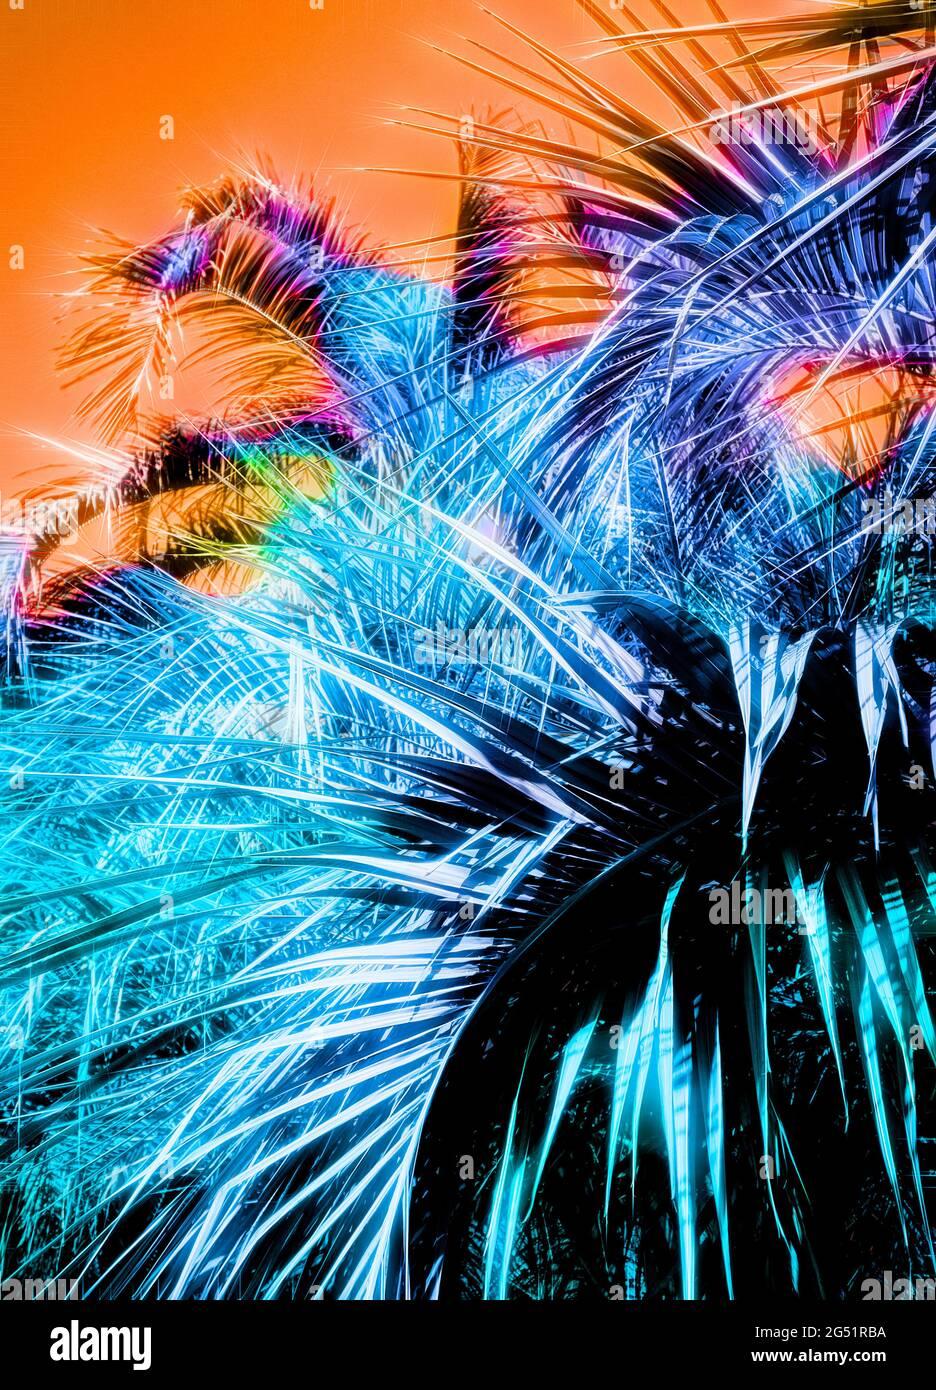 Photographie de palmiers avec manipulation des couleurs Banque D'Images